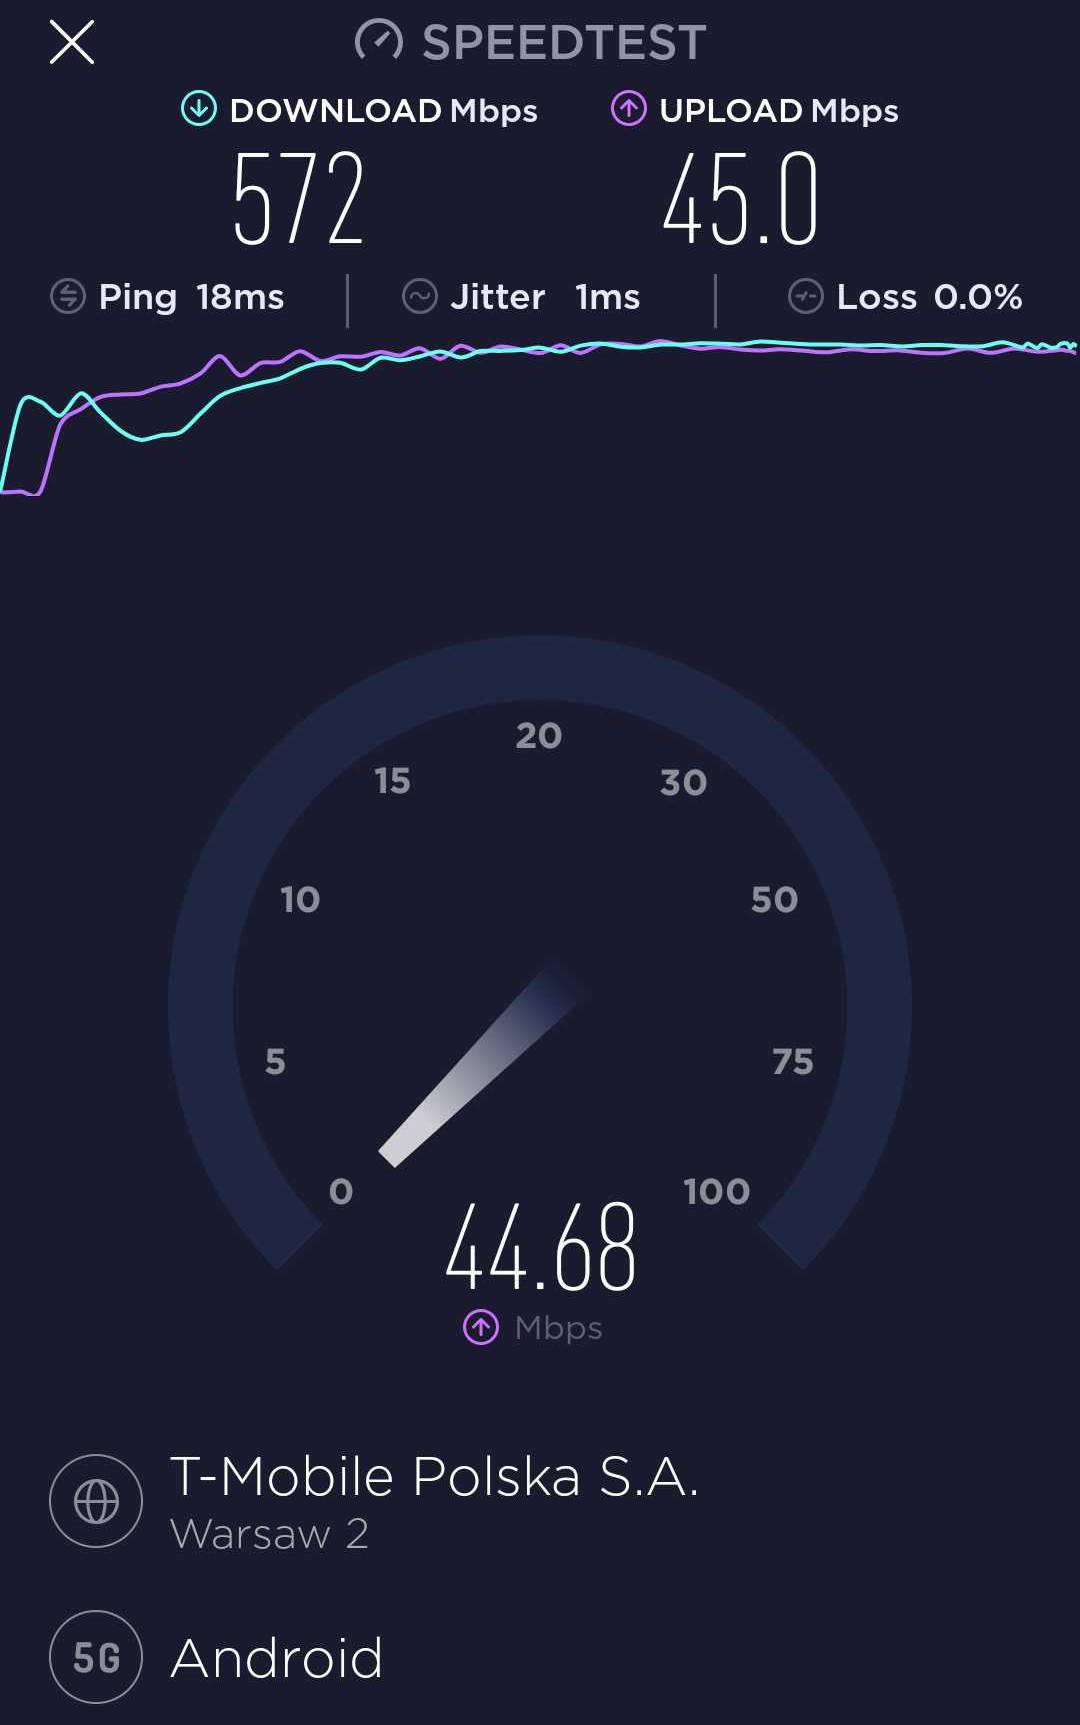 Oto mój wynik testu T-Mobile 5G w Polsce (Warszawa).